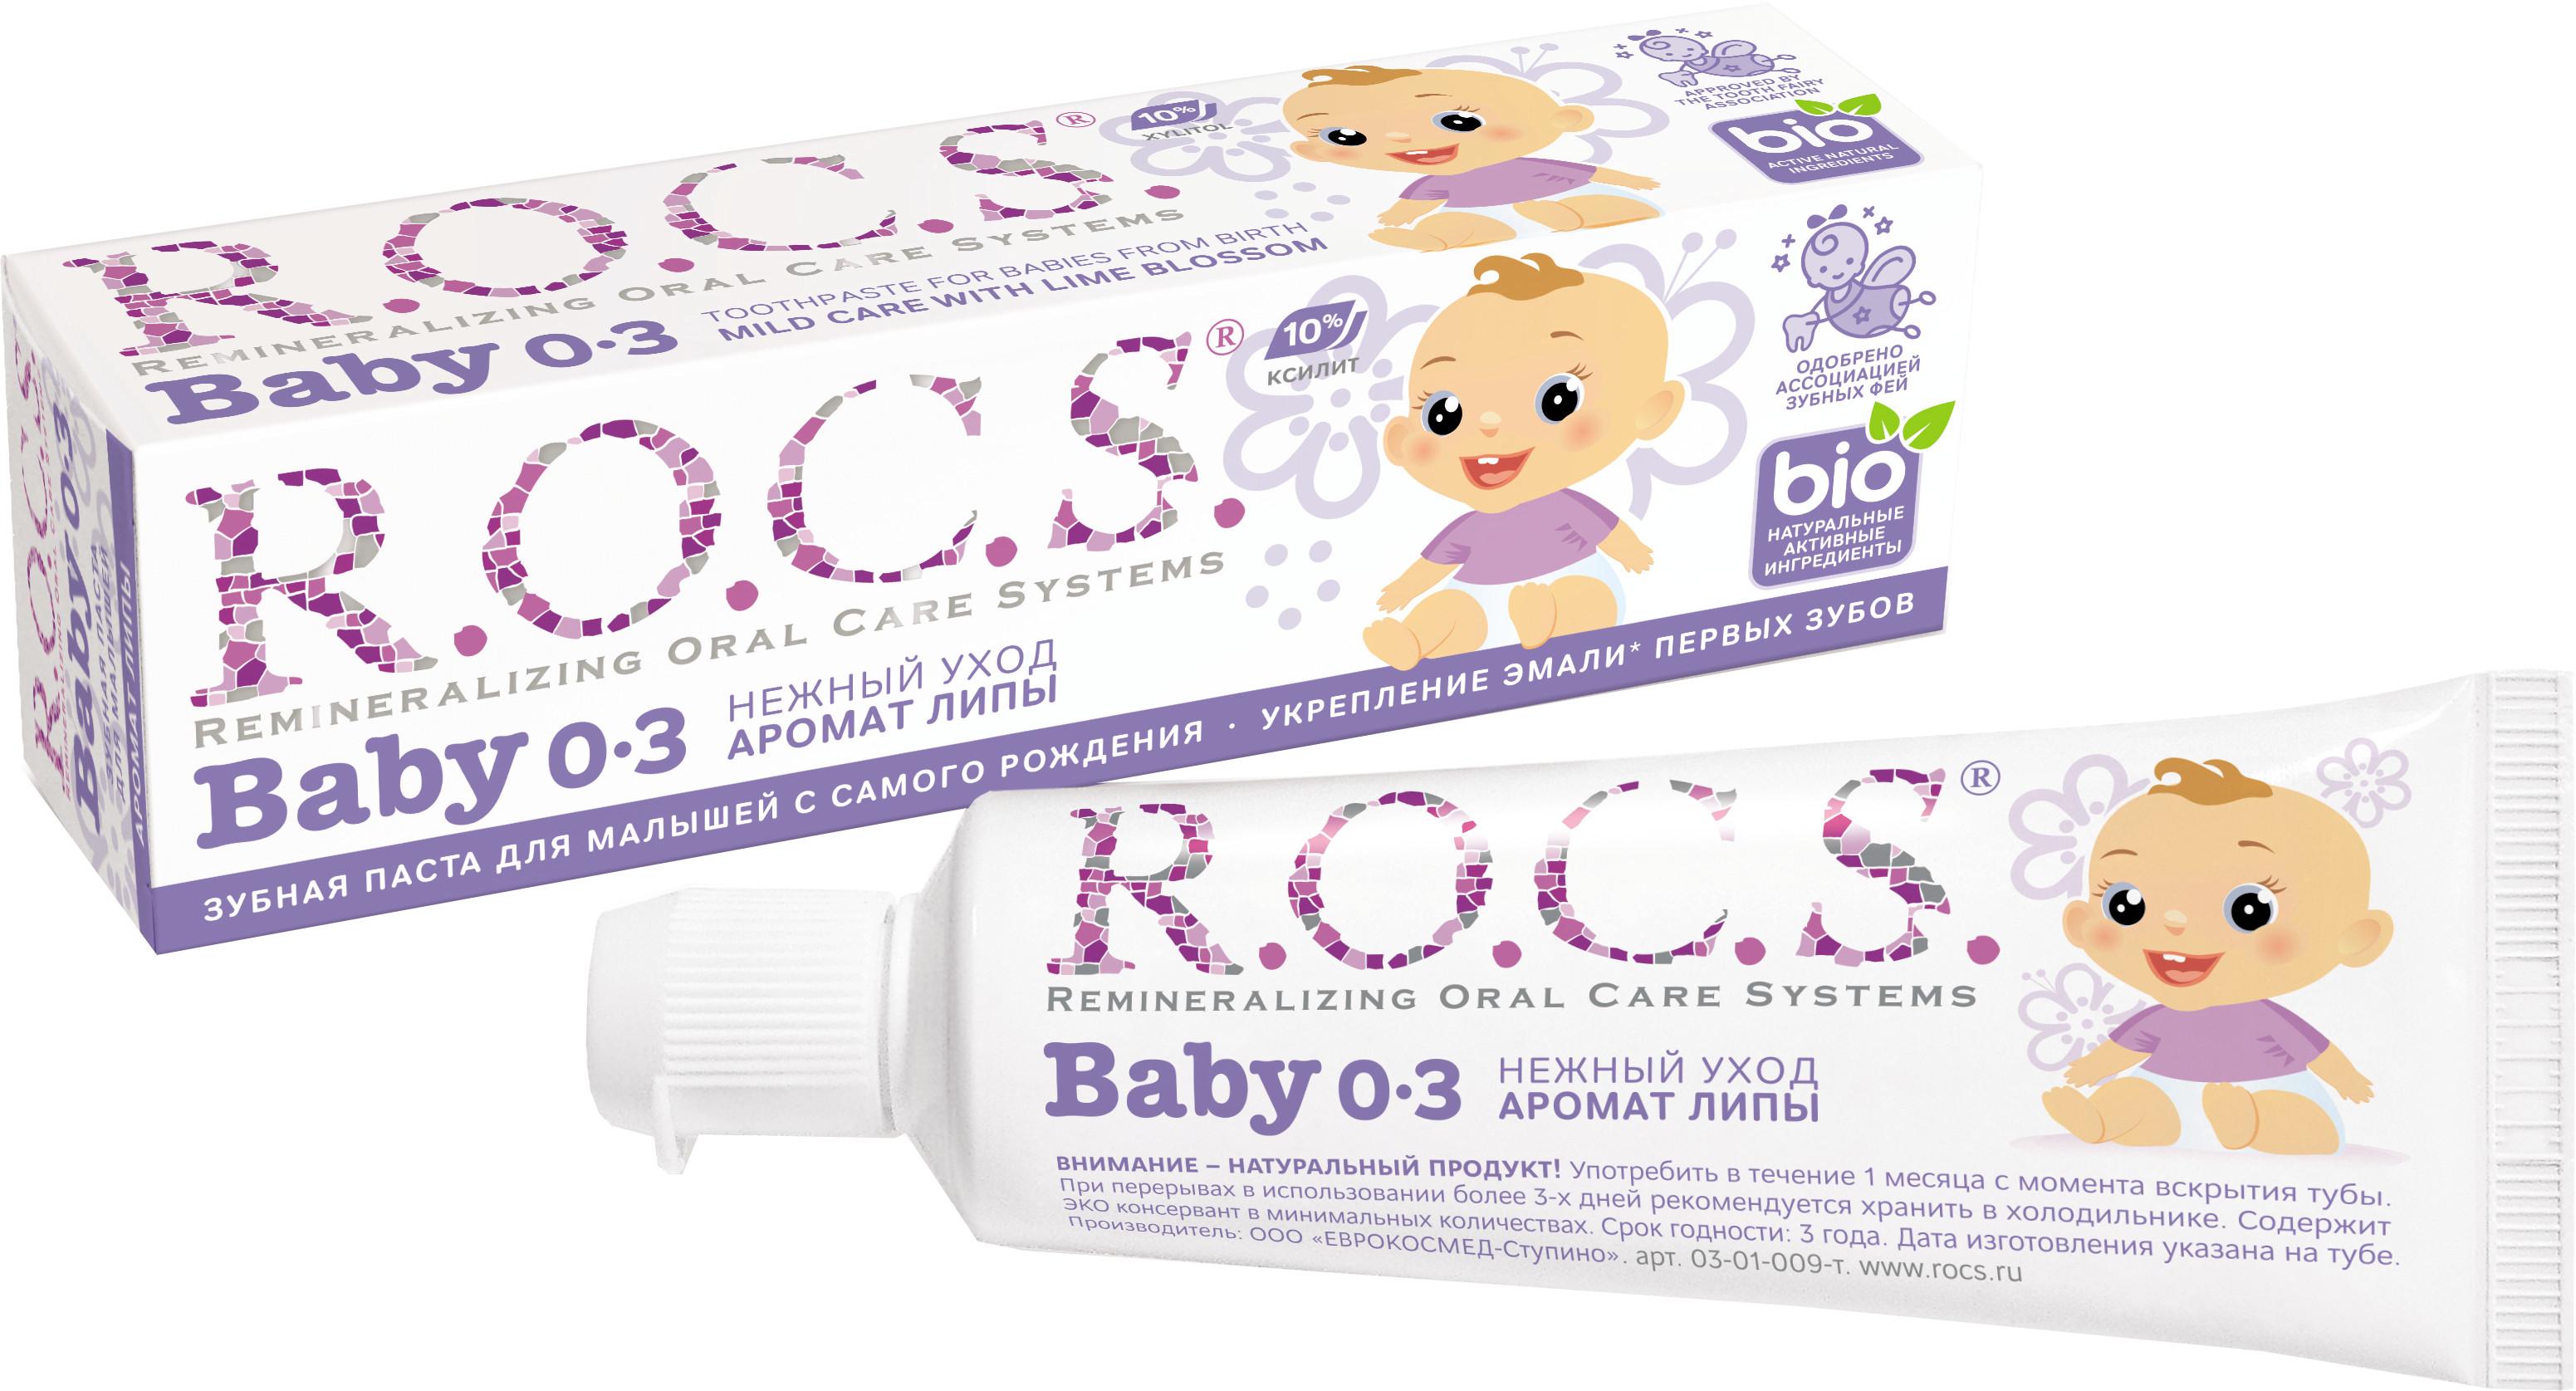 Зубная паста R.O.C.S. Аромат липы с рождения зубная паста babyline тутти фрутти